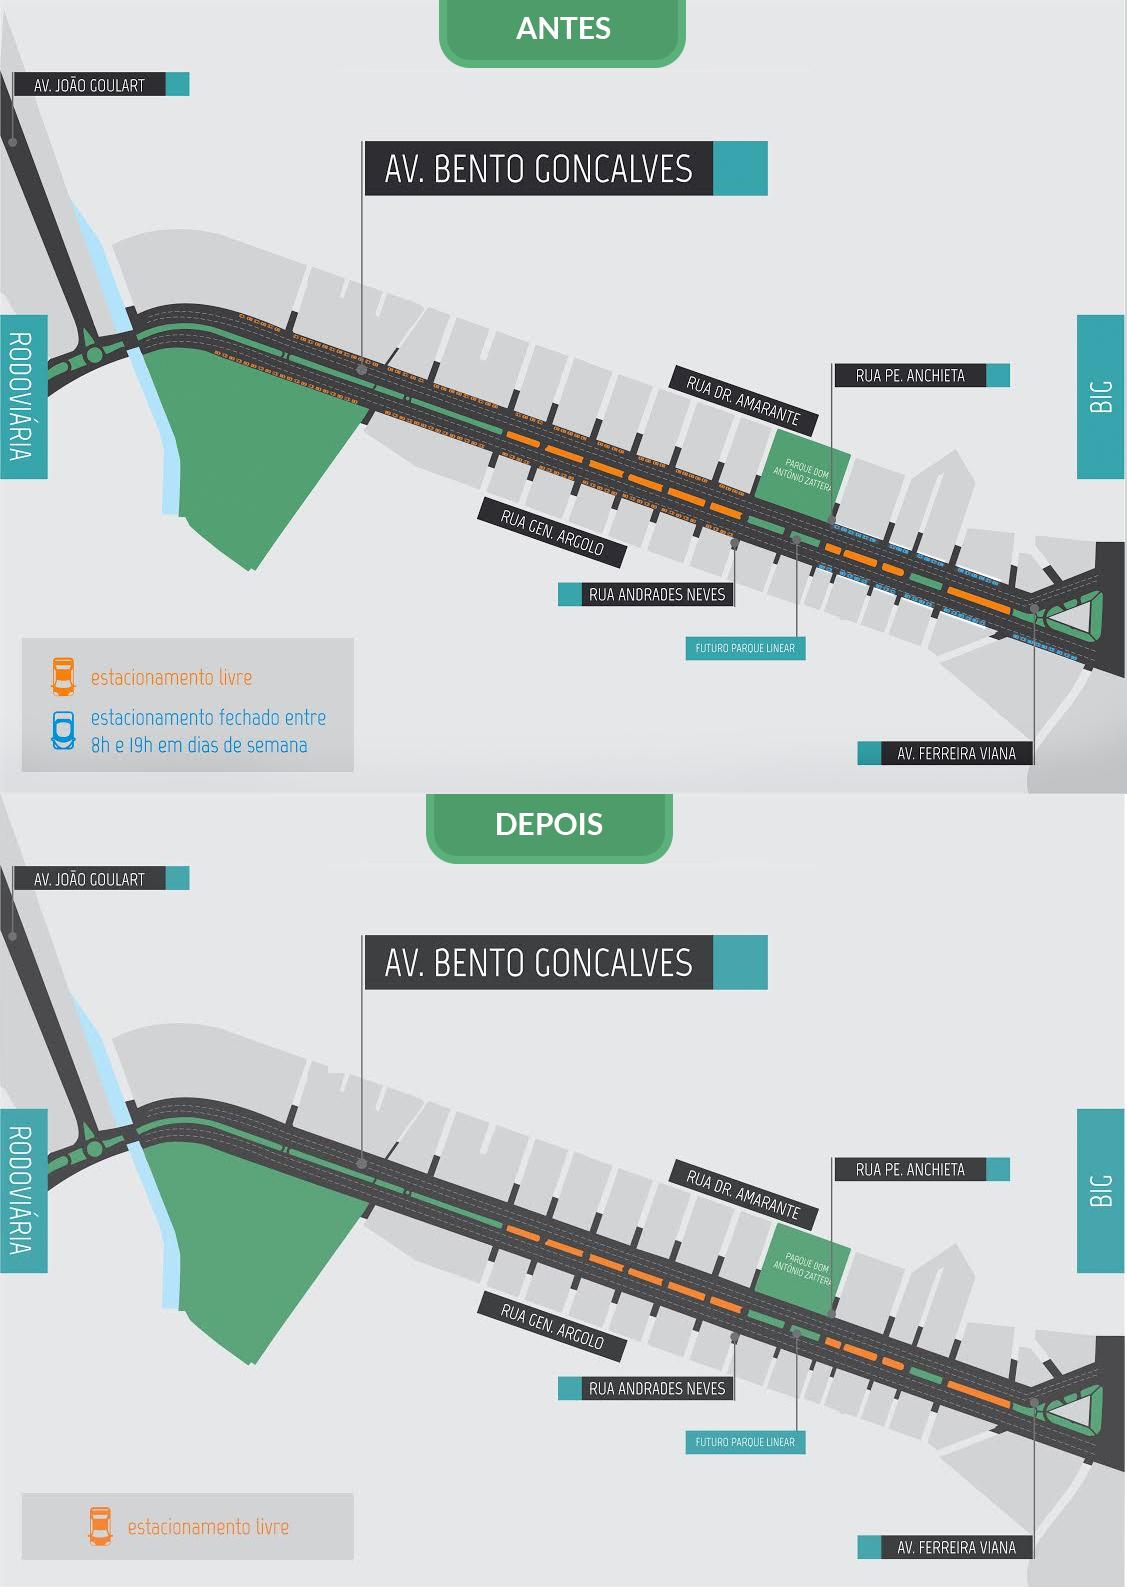 Antes e depois do projeto de melhoria de mobilidade urbana na cidade de Pelotas